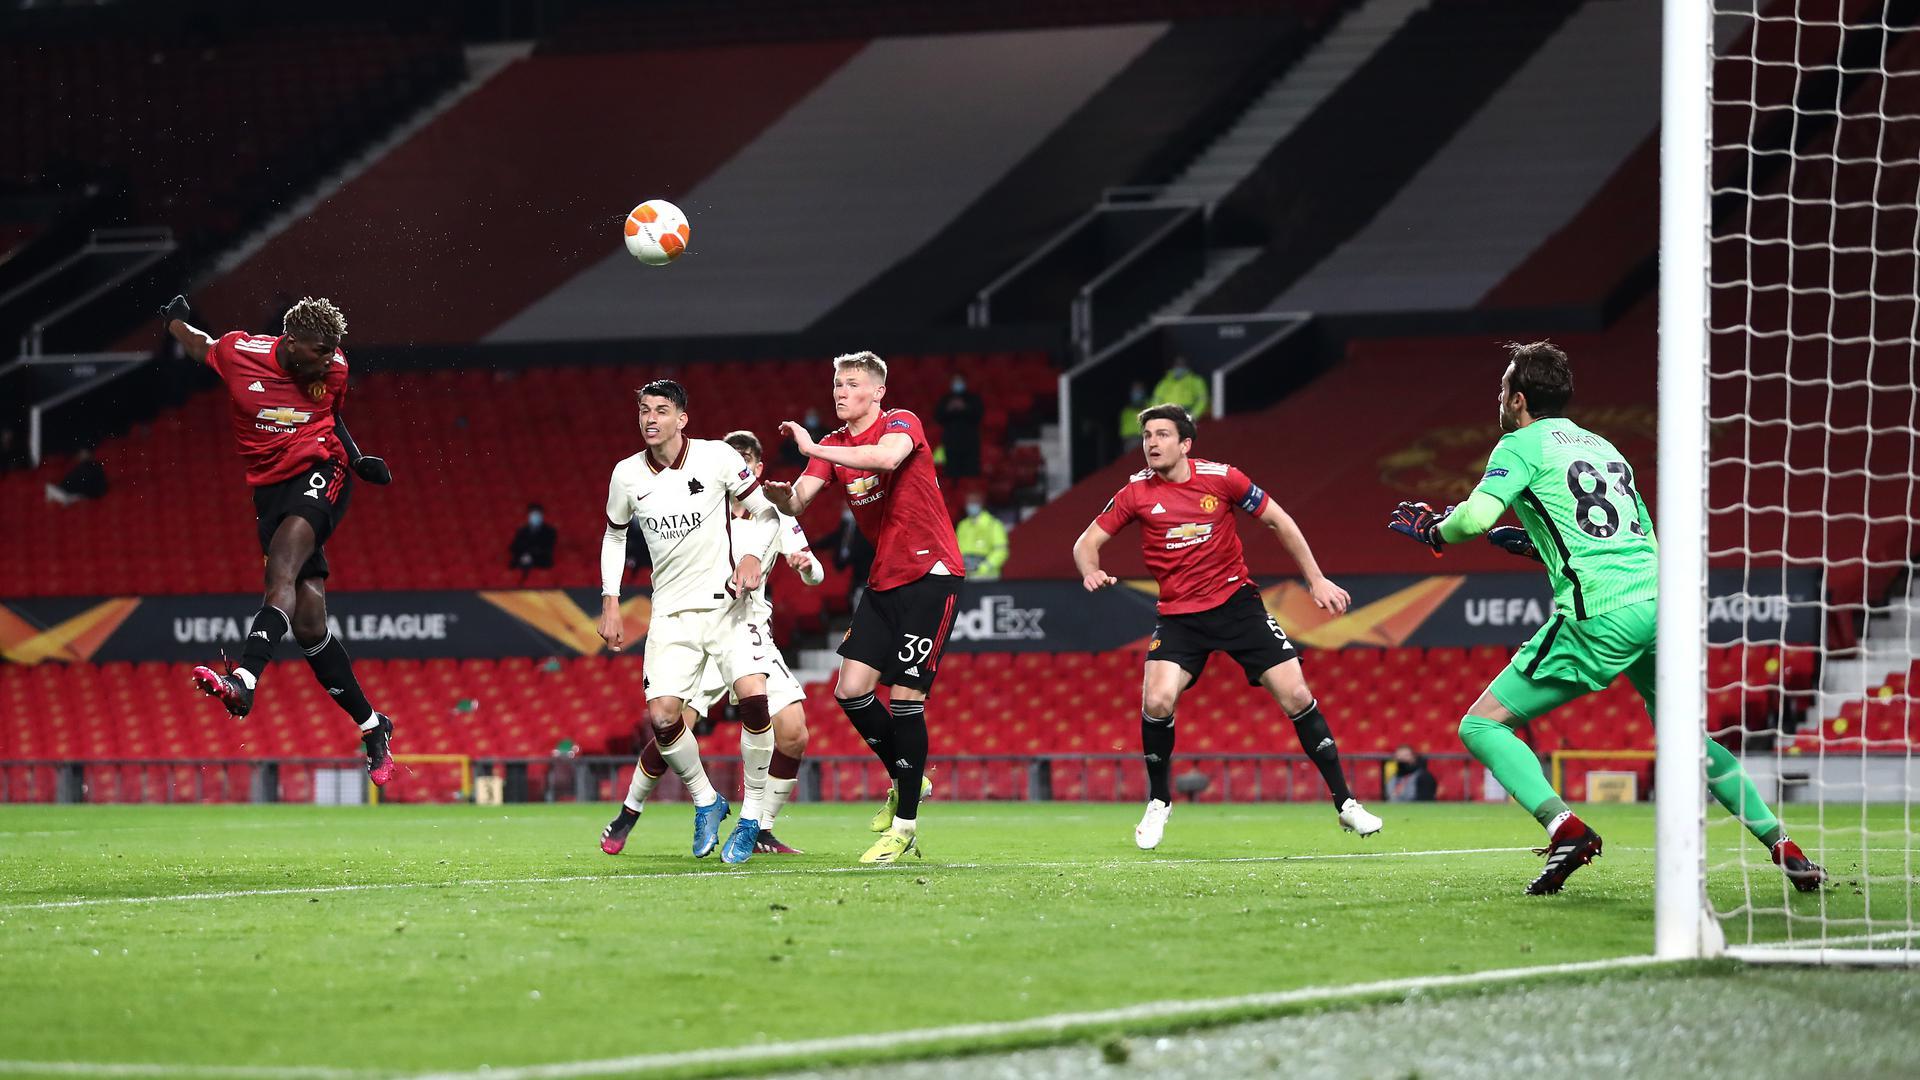 Manchester United vs Roma (29 Apr 2021) 🔥 Video Highlights - FootyRoom